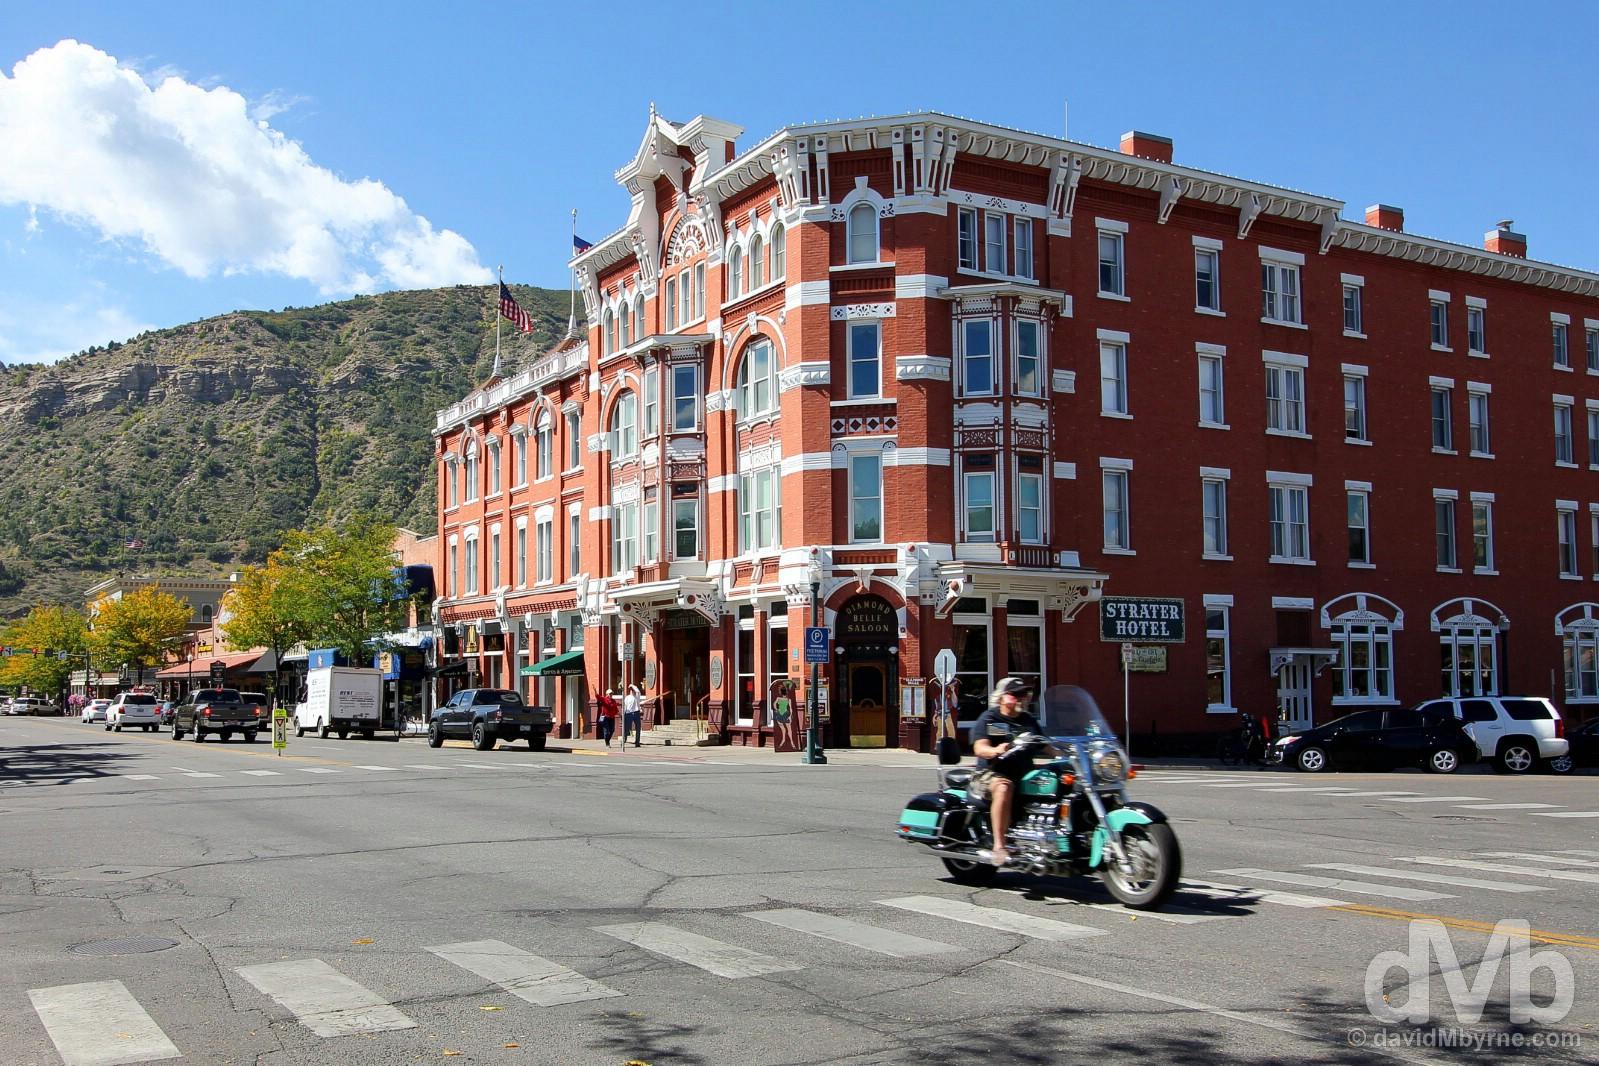 Main Avenue, Durango, Colorado. September 12, 2016.